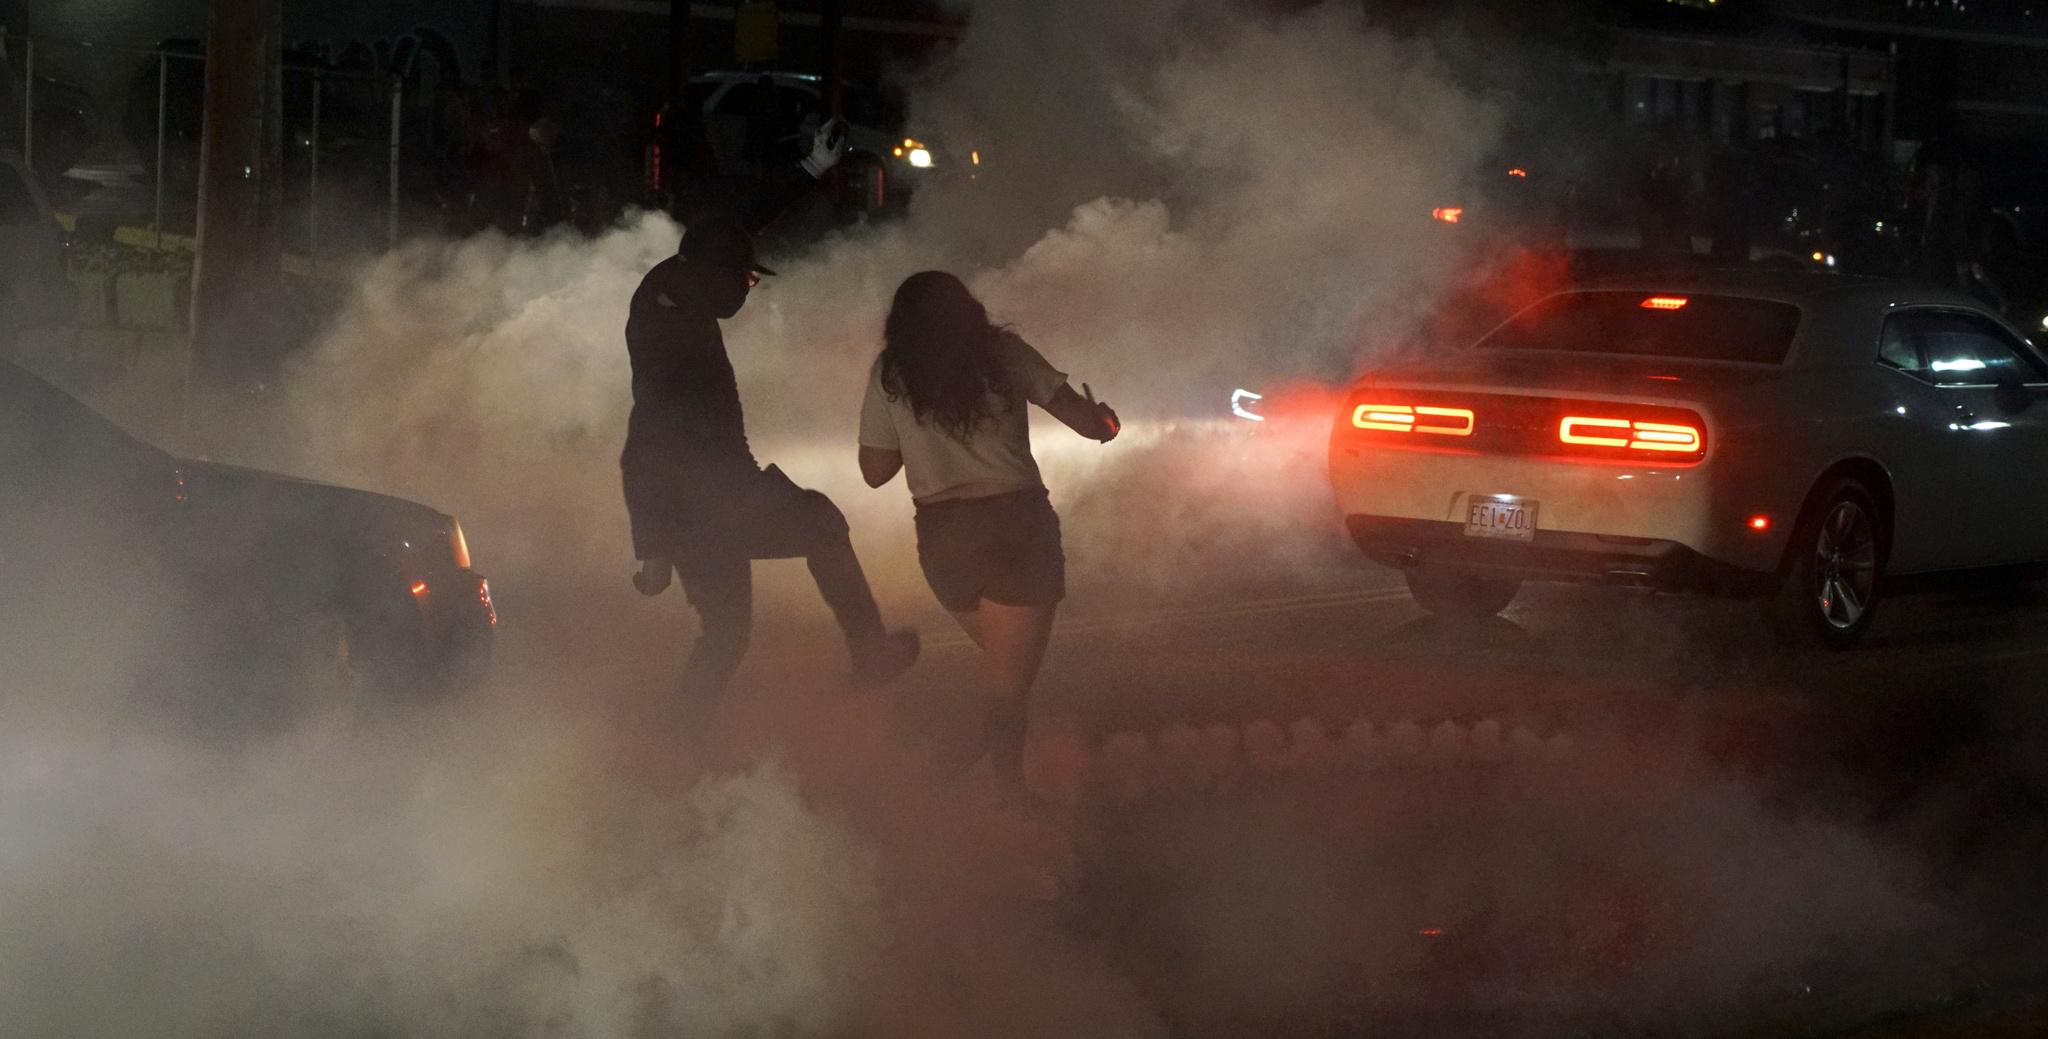 Un hombre aleja de una mujer un bote de gas lacrimógeno durante una protesta contra la muerte del afroamericano George Floyd en Minnesota.